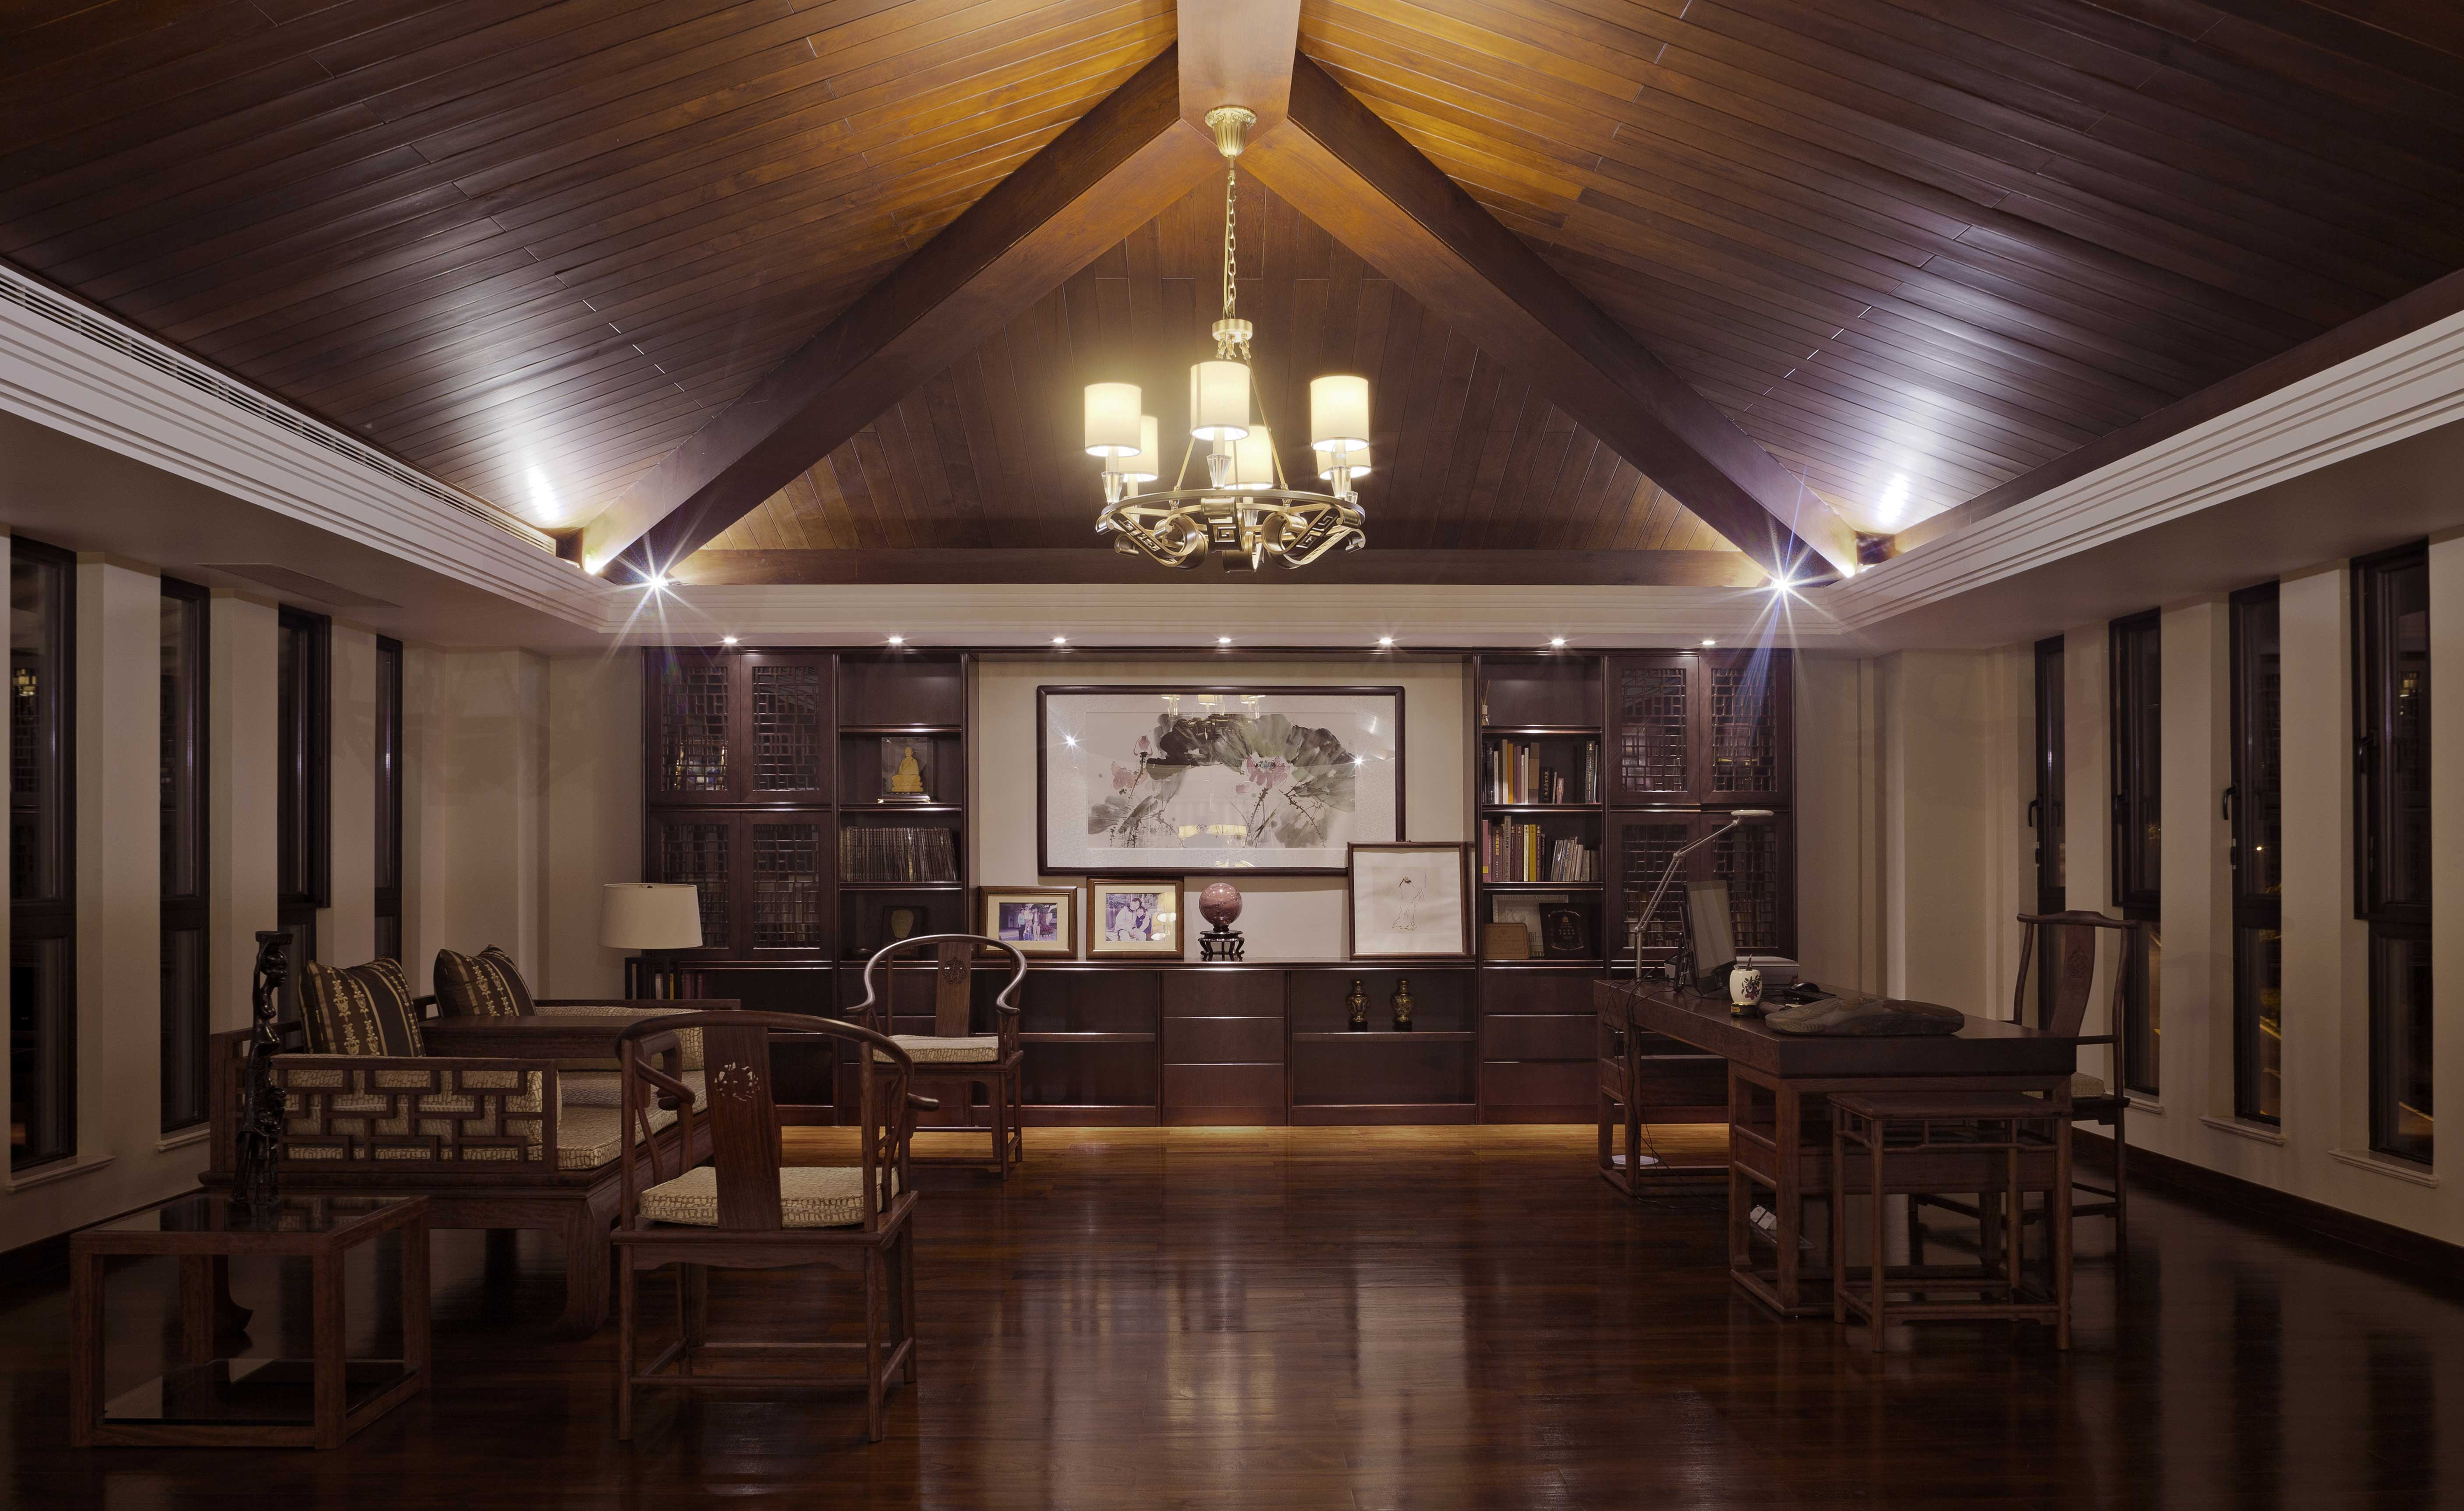 客厅图片来自陈卫群在陈卫群作品南湖高尔夫别墅的分享